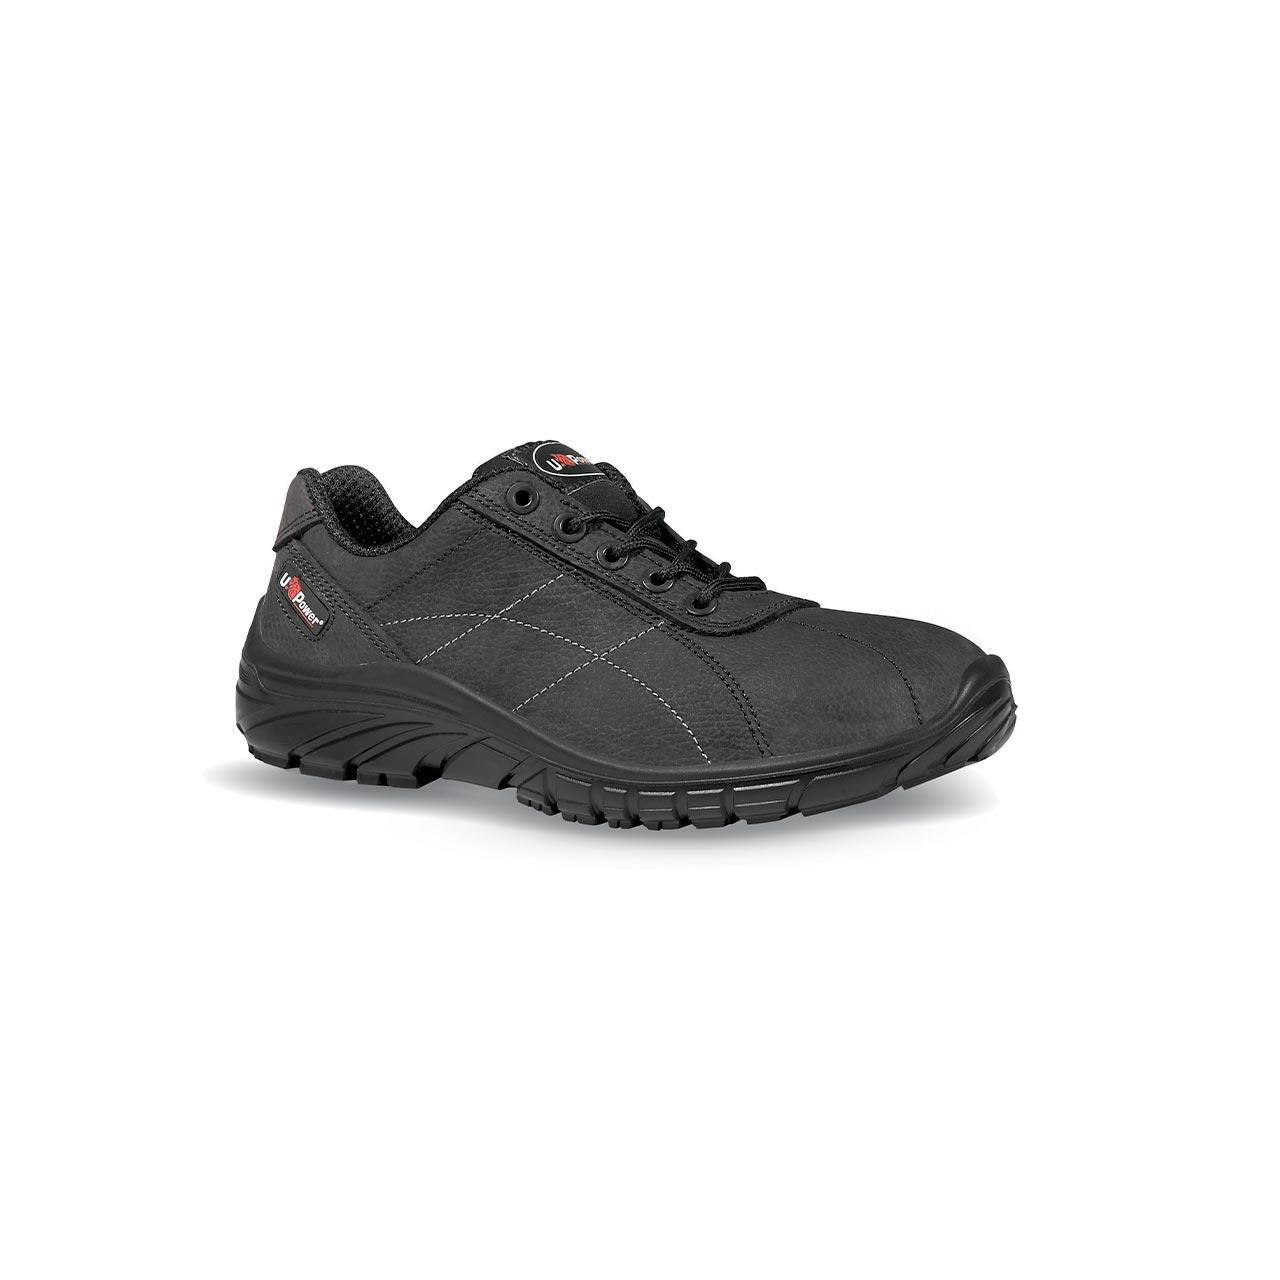 scarpa antinfortunistica upower modello tonicgrip linea professional vista laterale